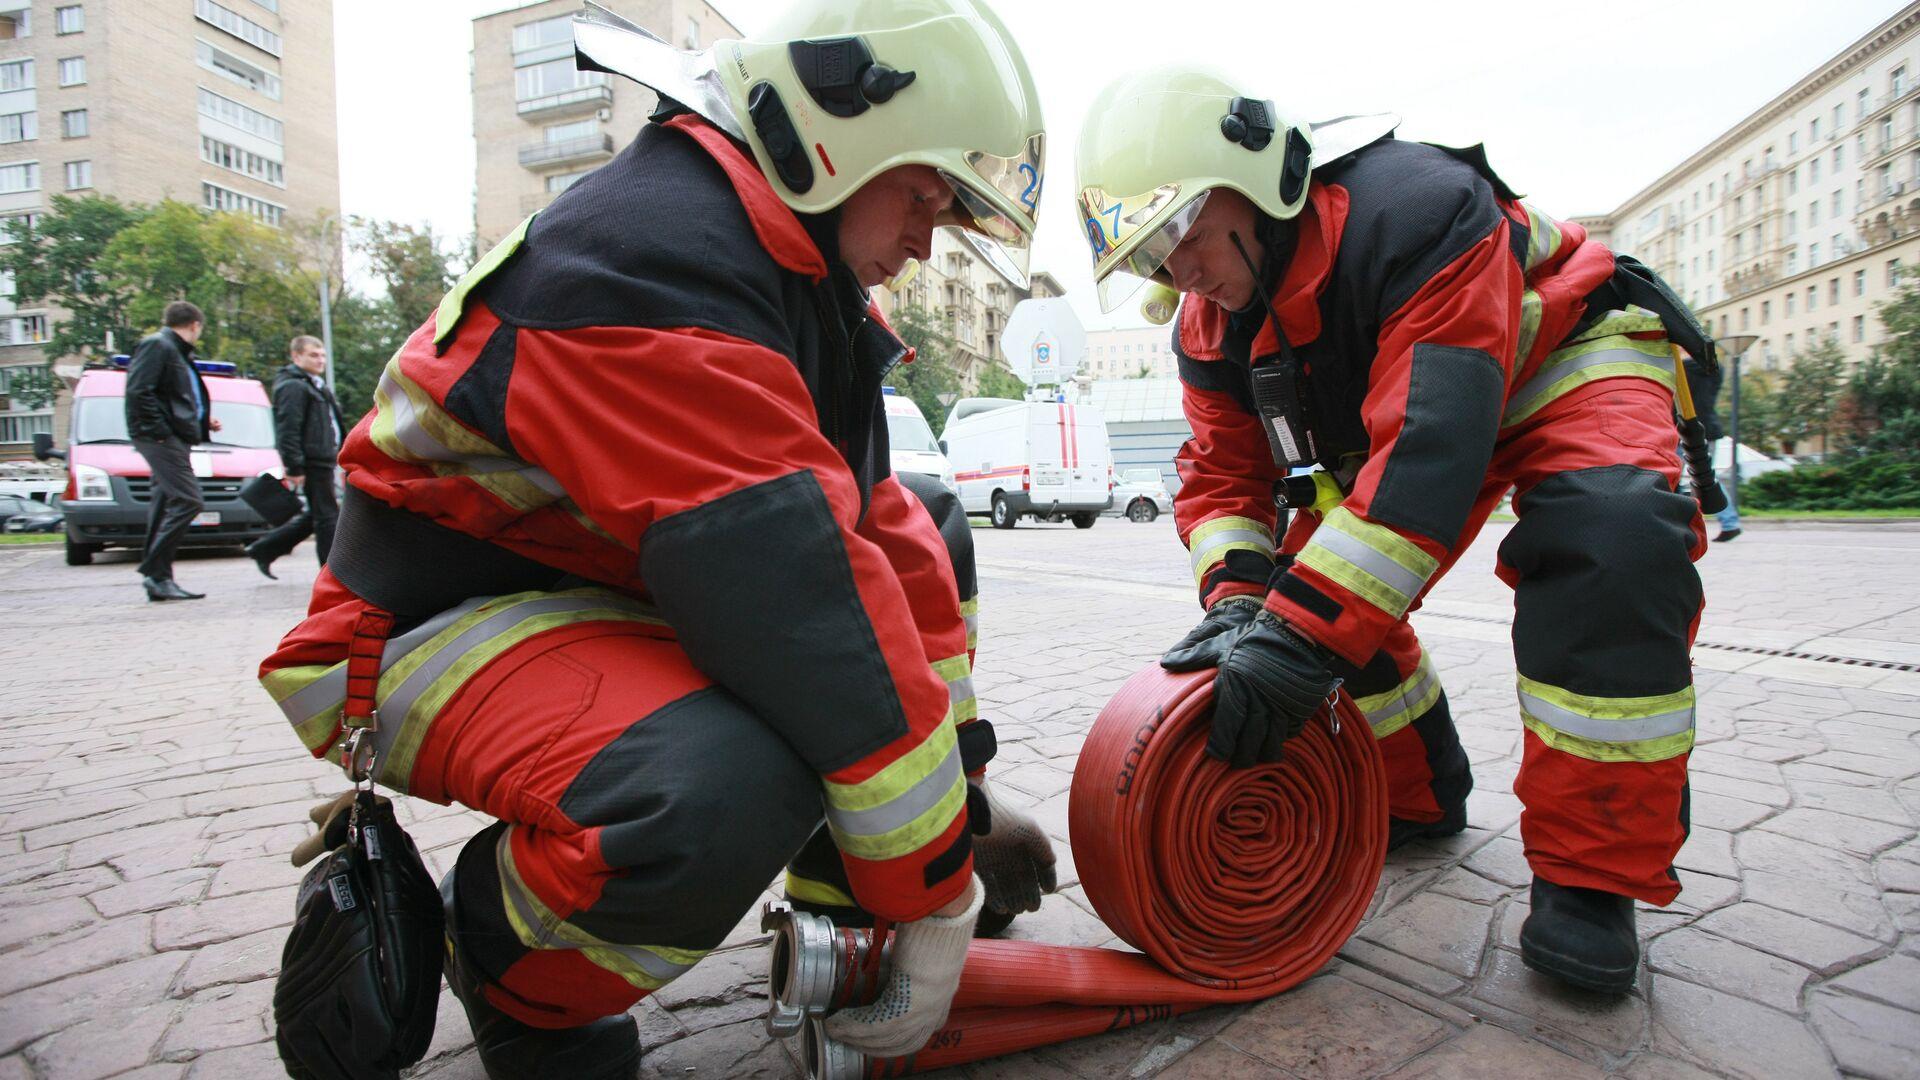 Пожару в жилом доме в Ростове присвоили четвертый уровень сложности